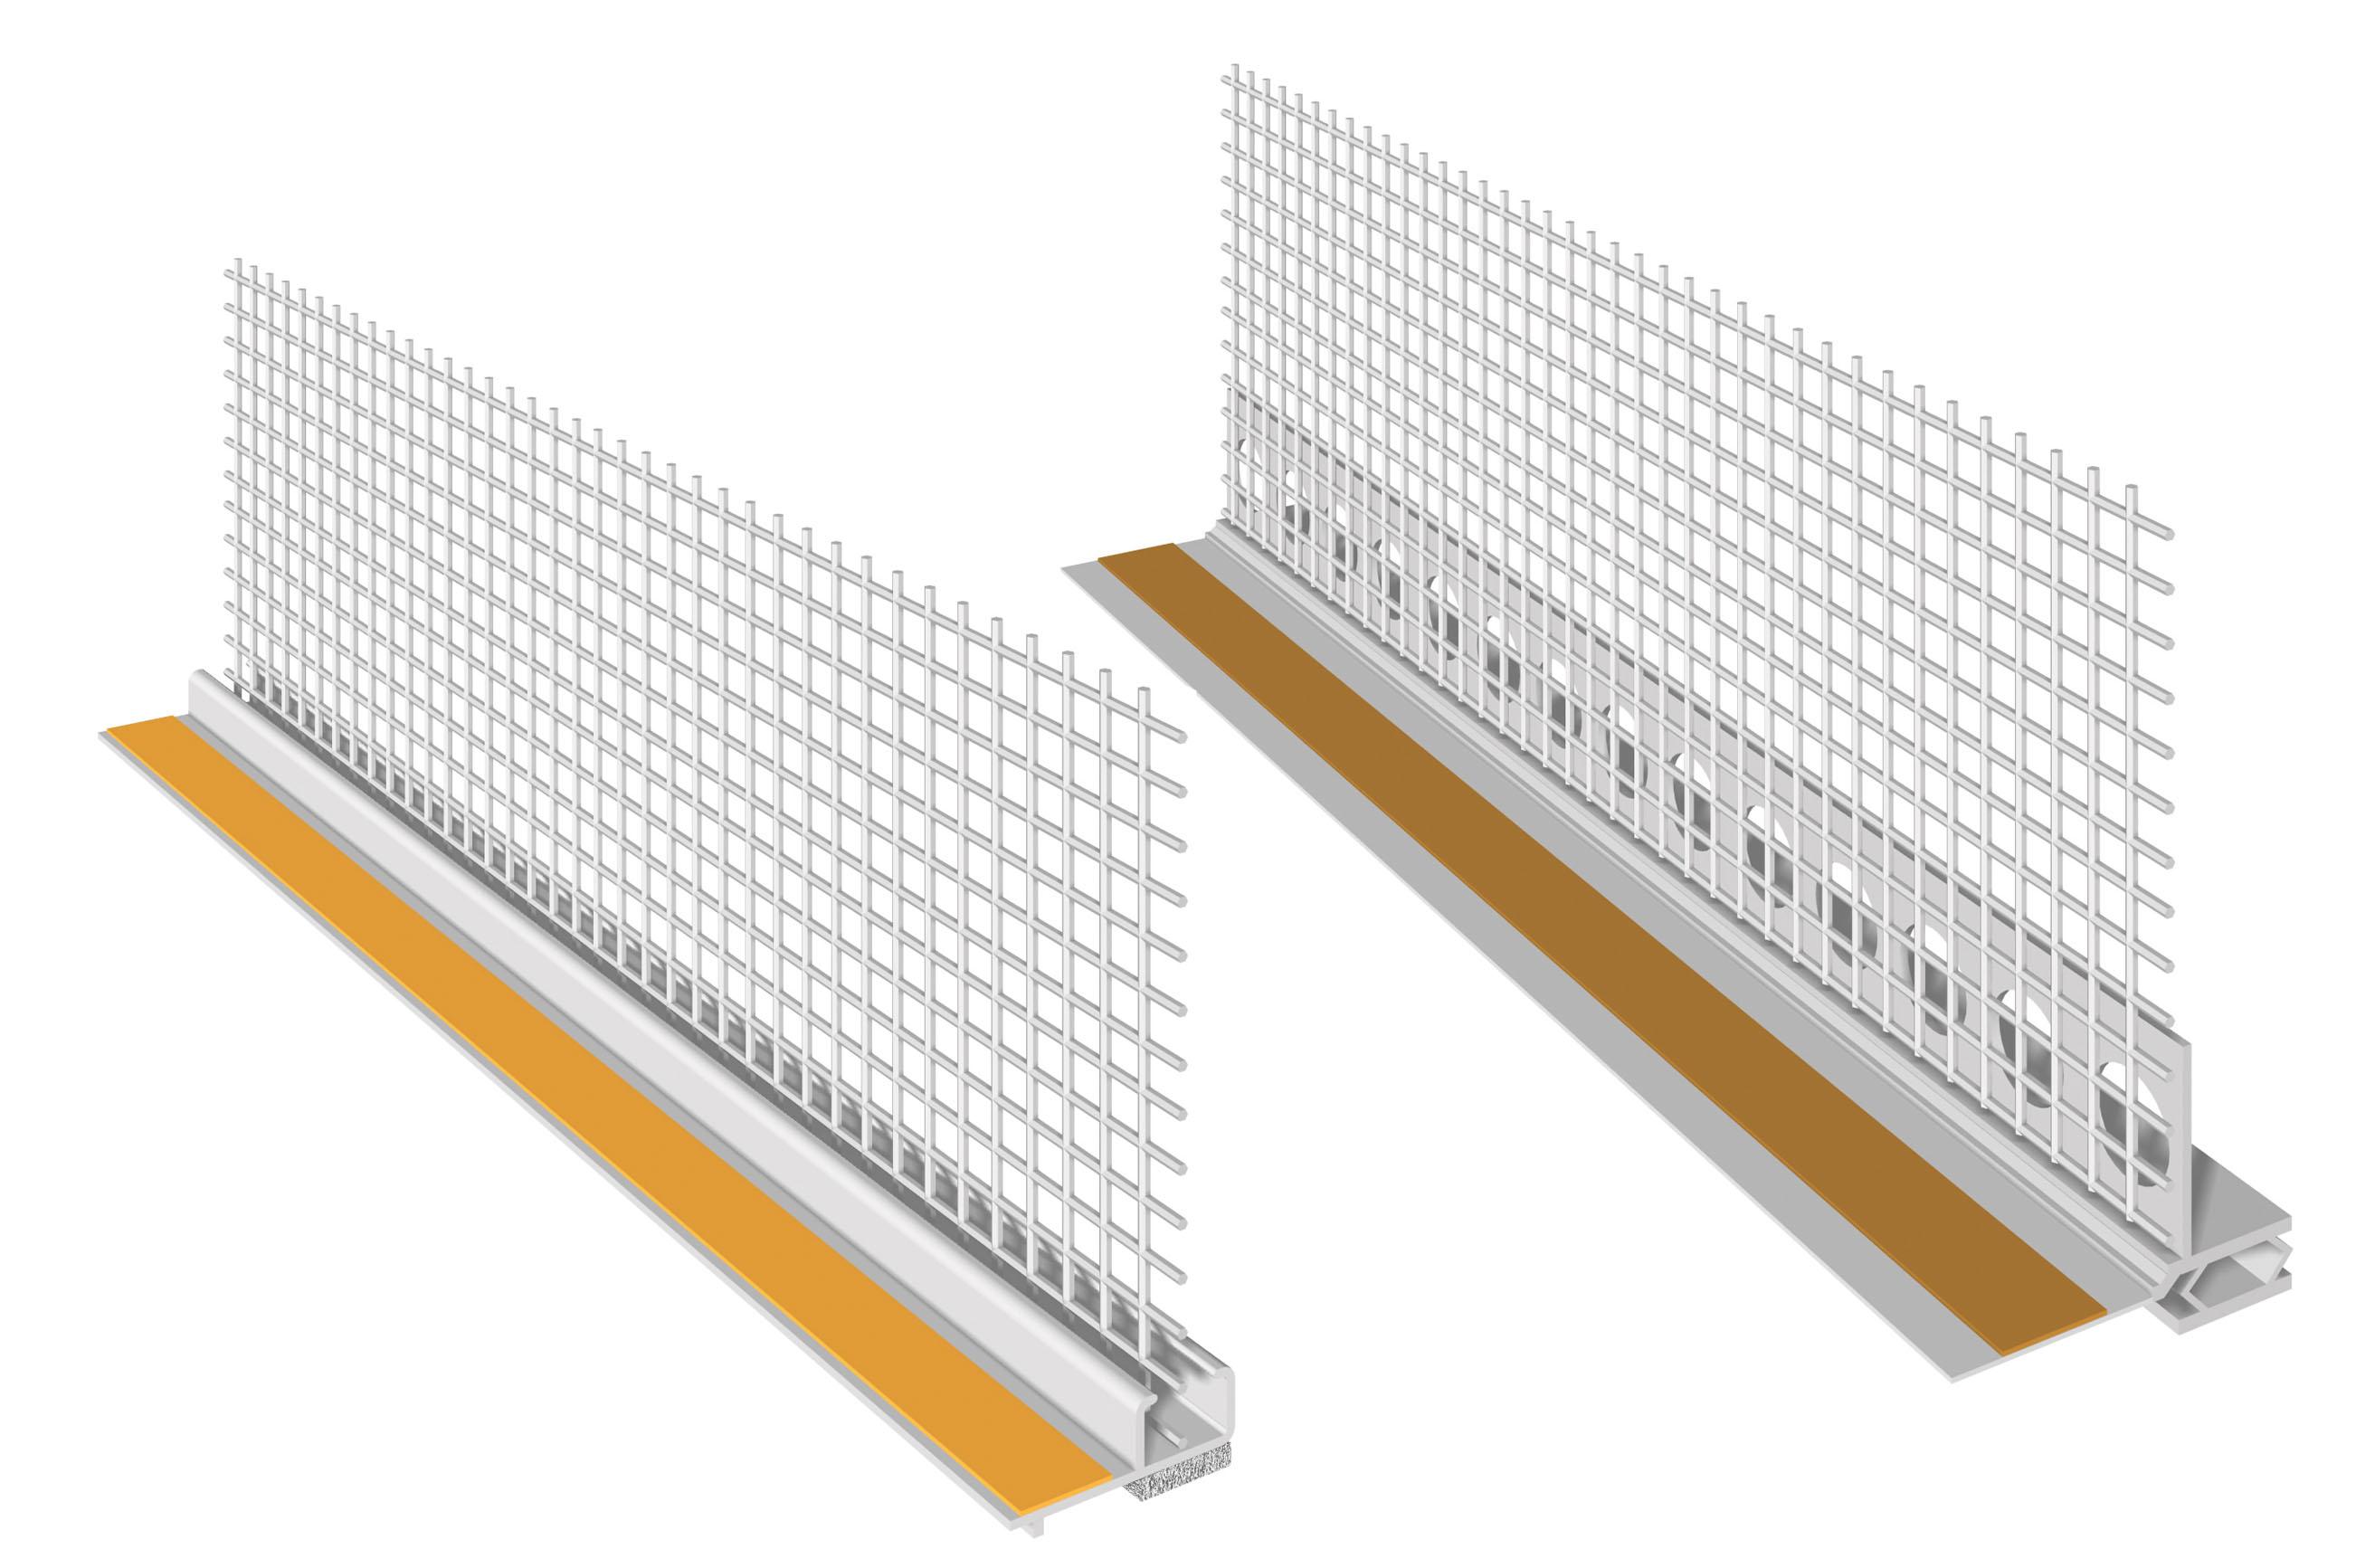 PROFILO PER INFISSI IN PVC: Profili in PVC con rete per infissi